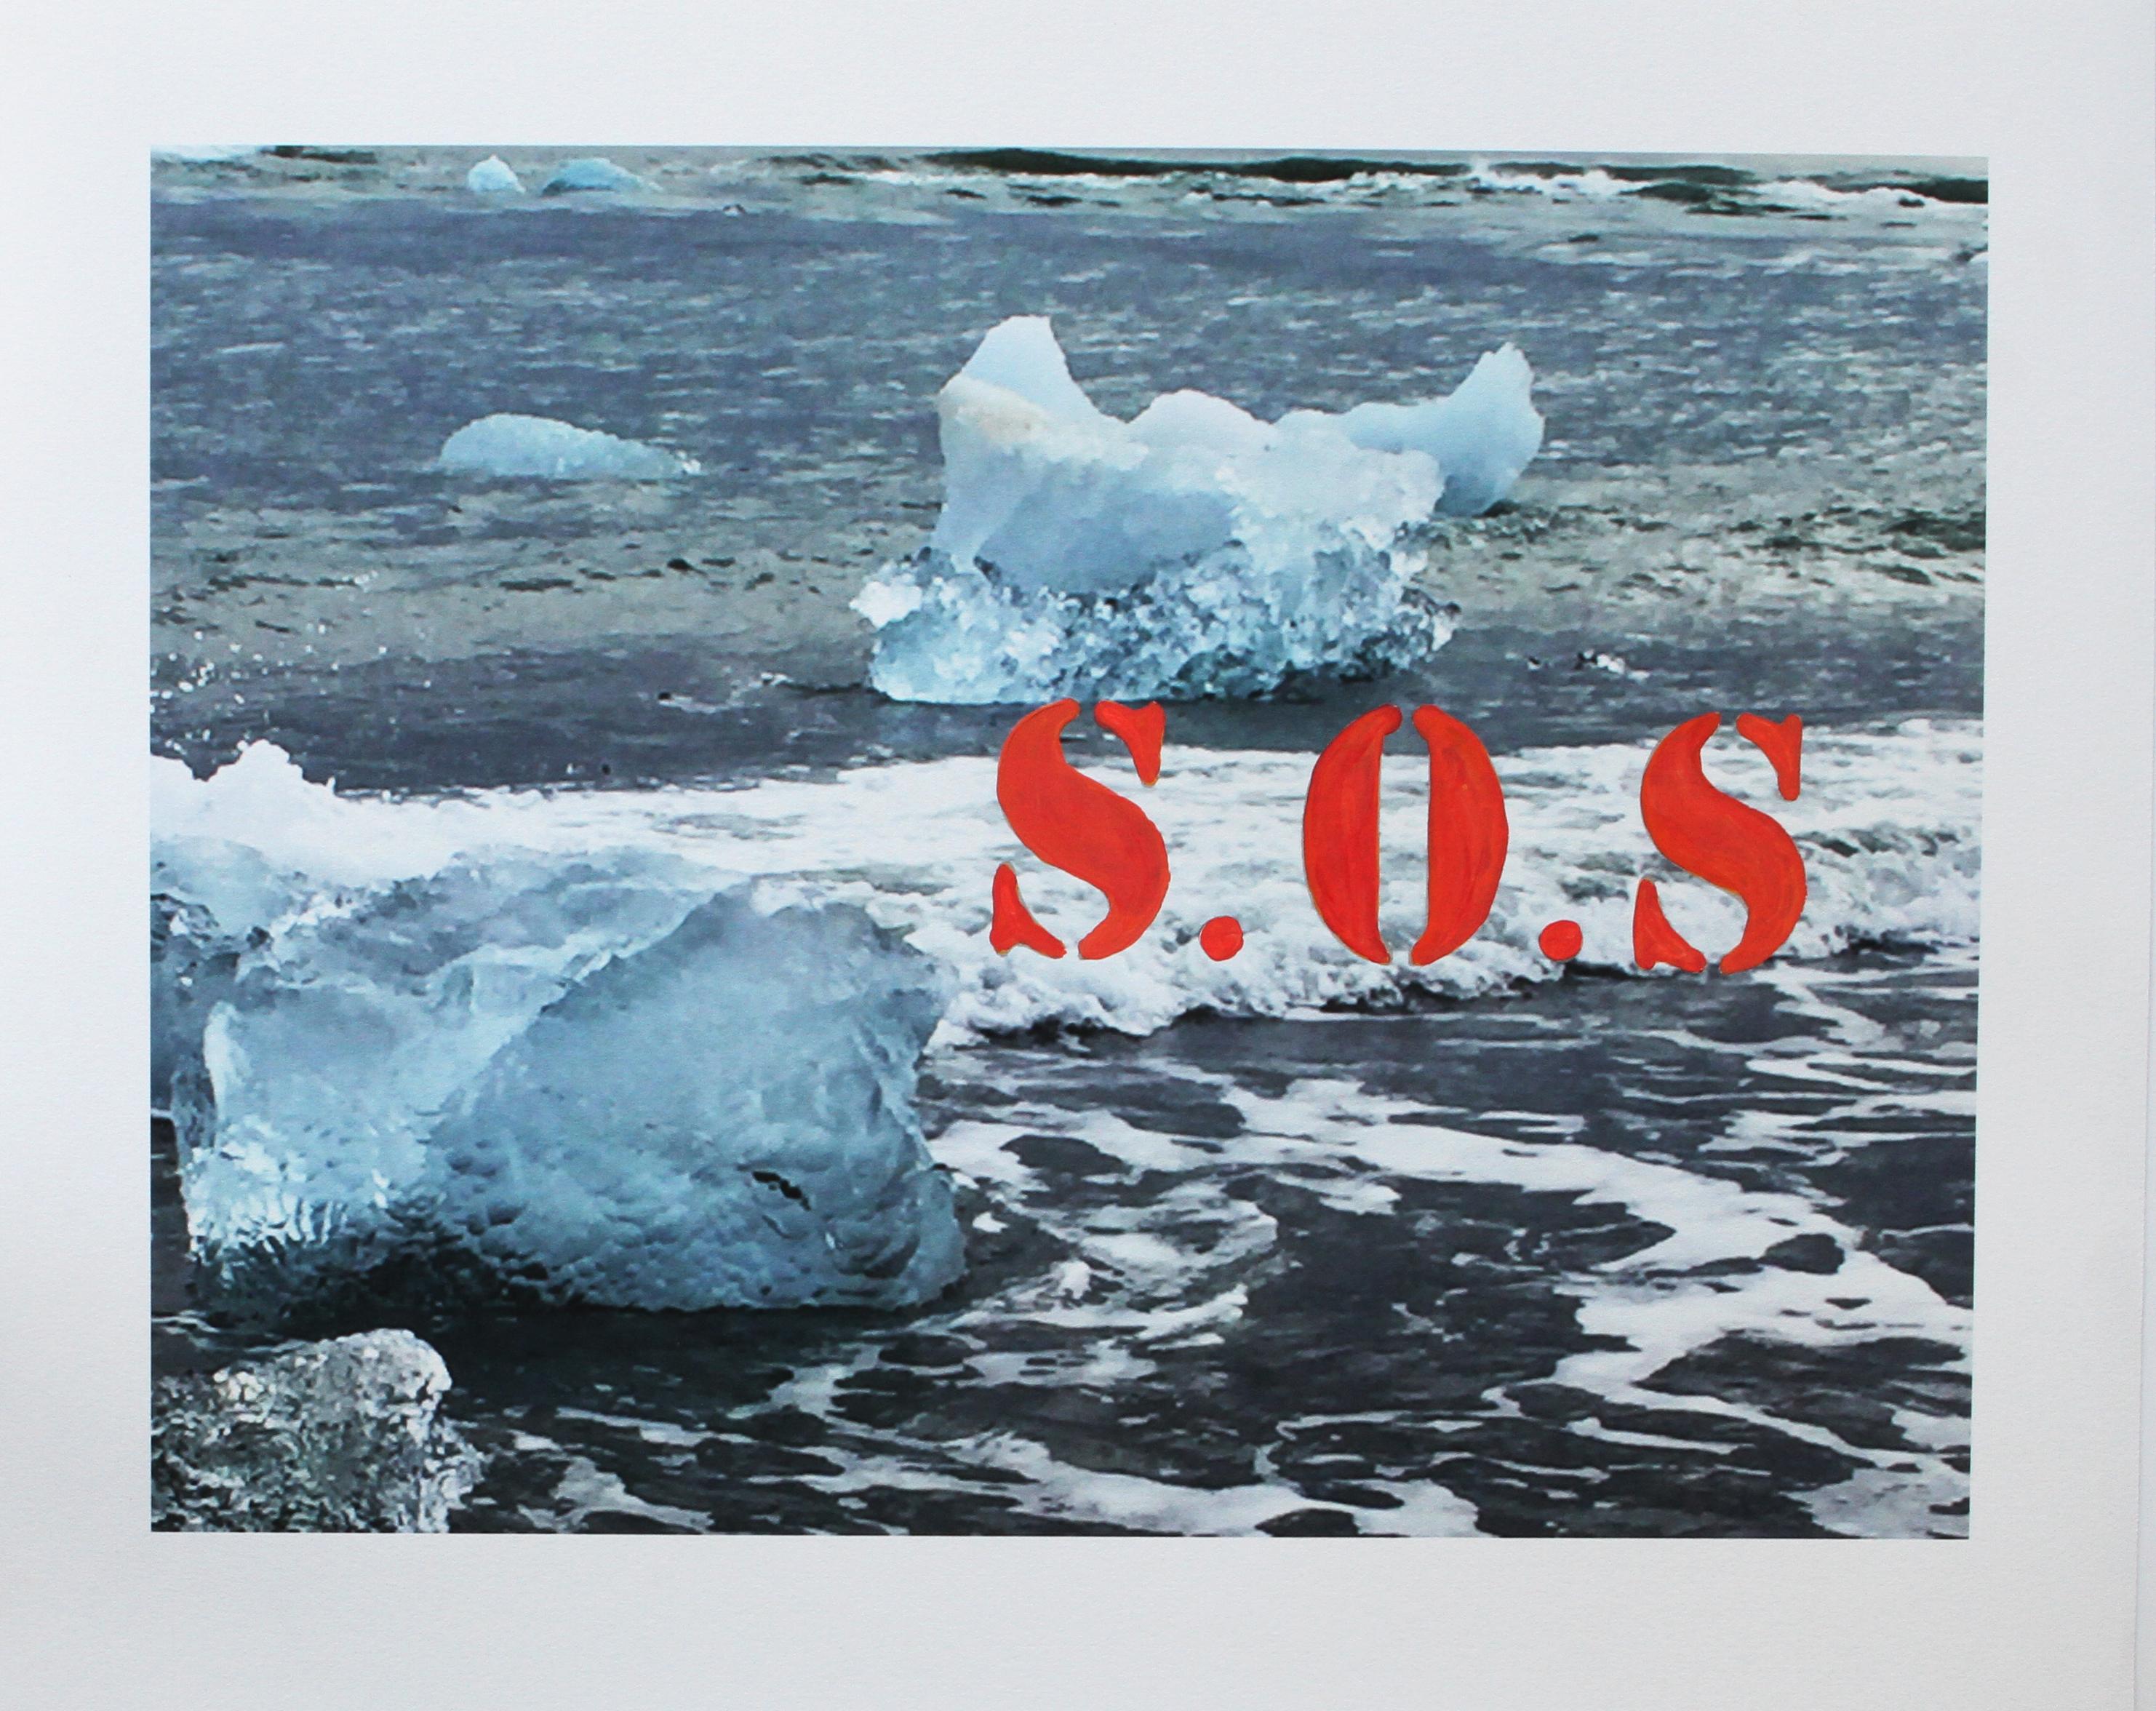 S.O.S jpg